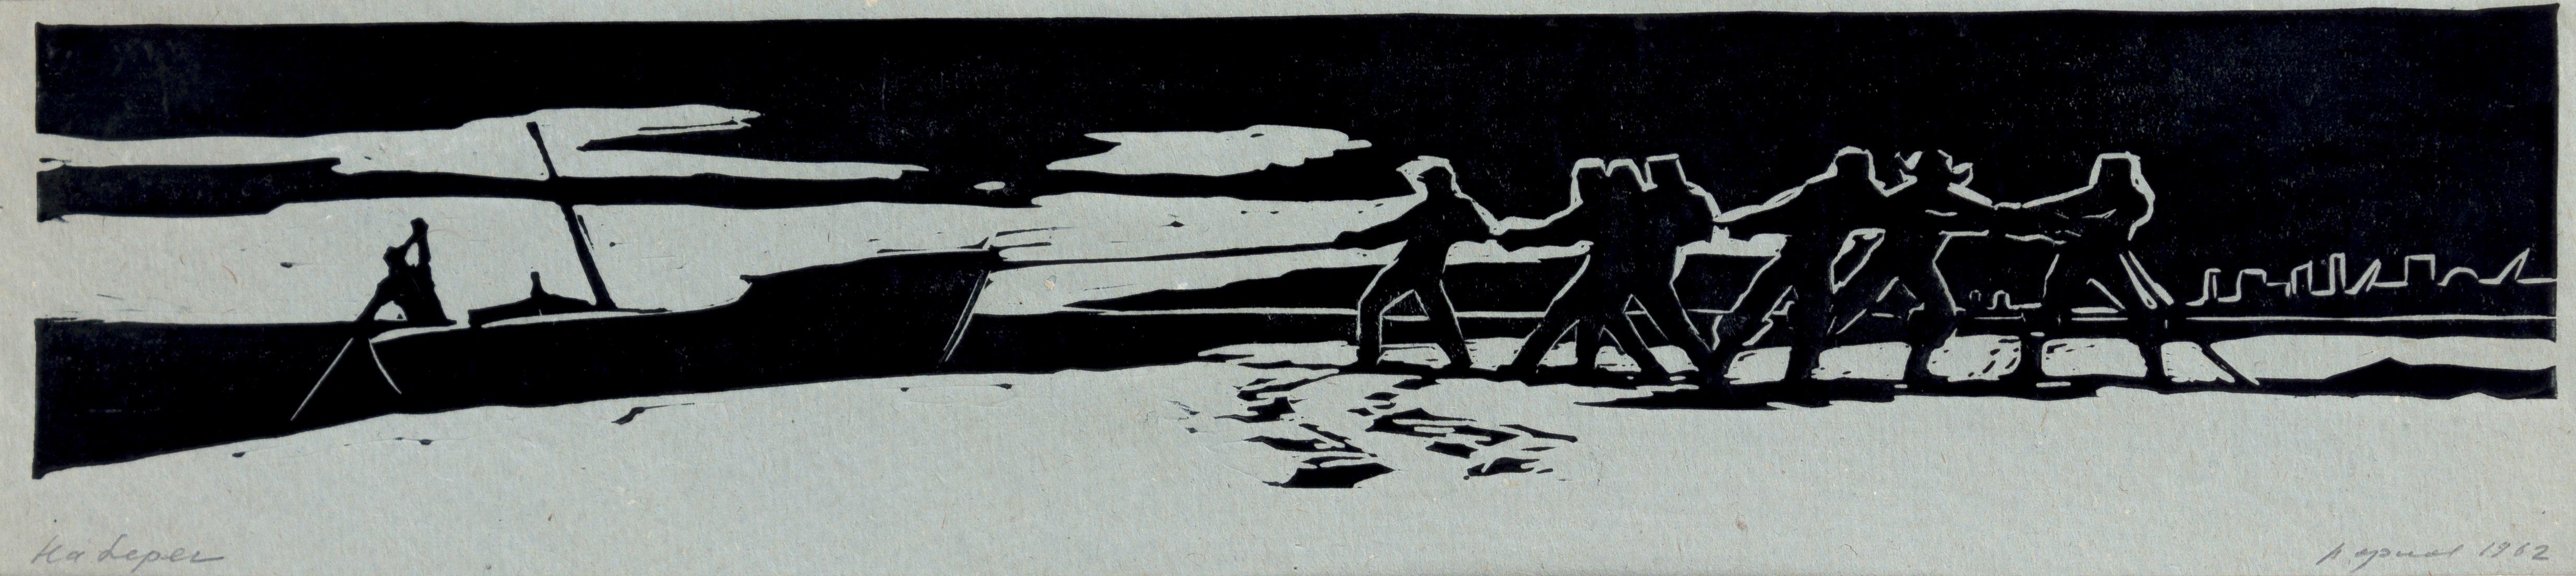 Орлов В.С. На берег.1962. Б., литография 20х51